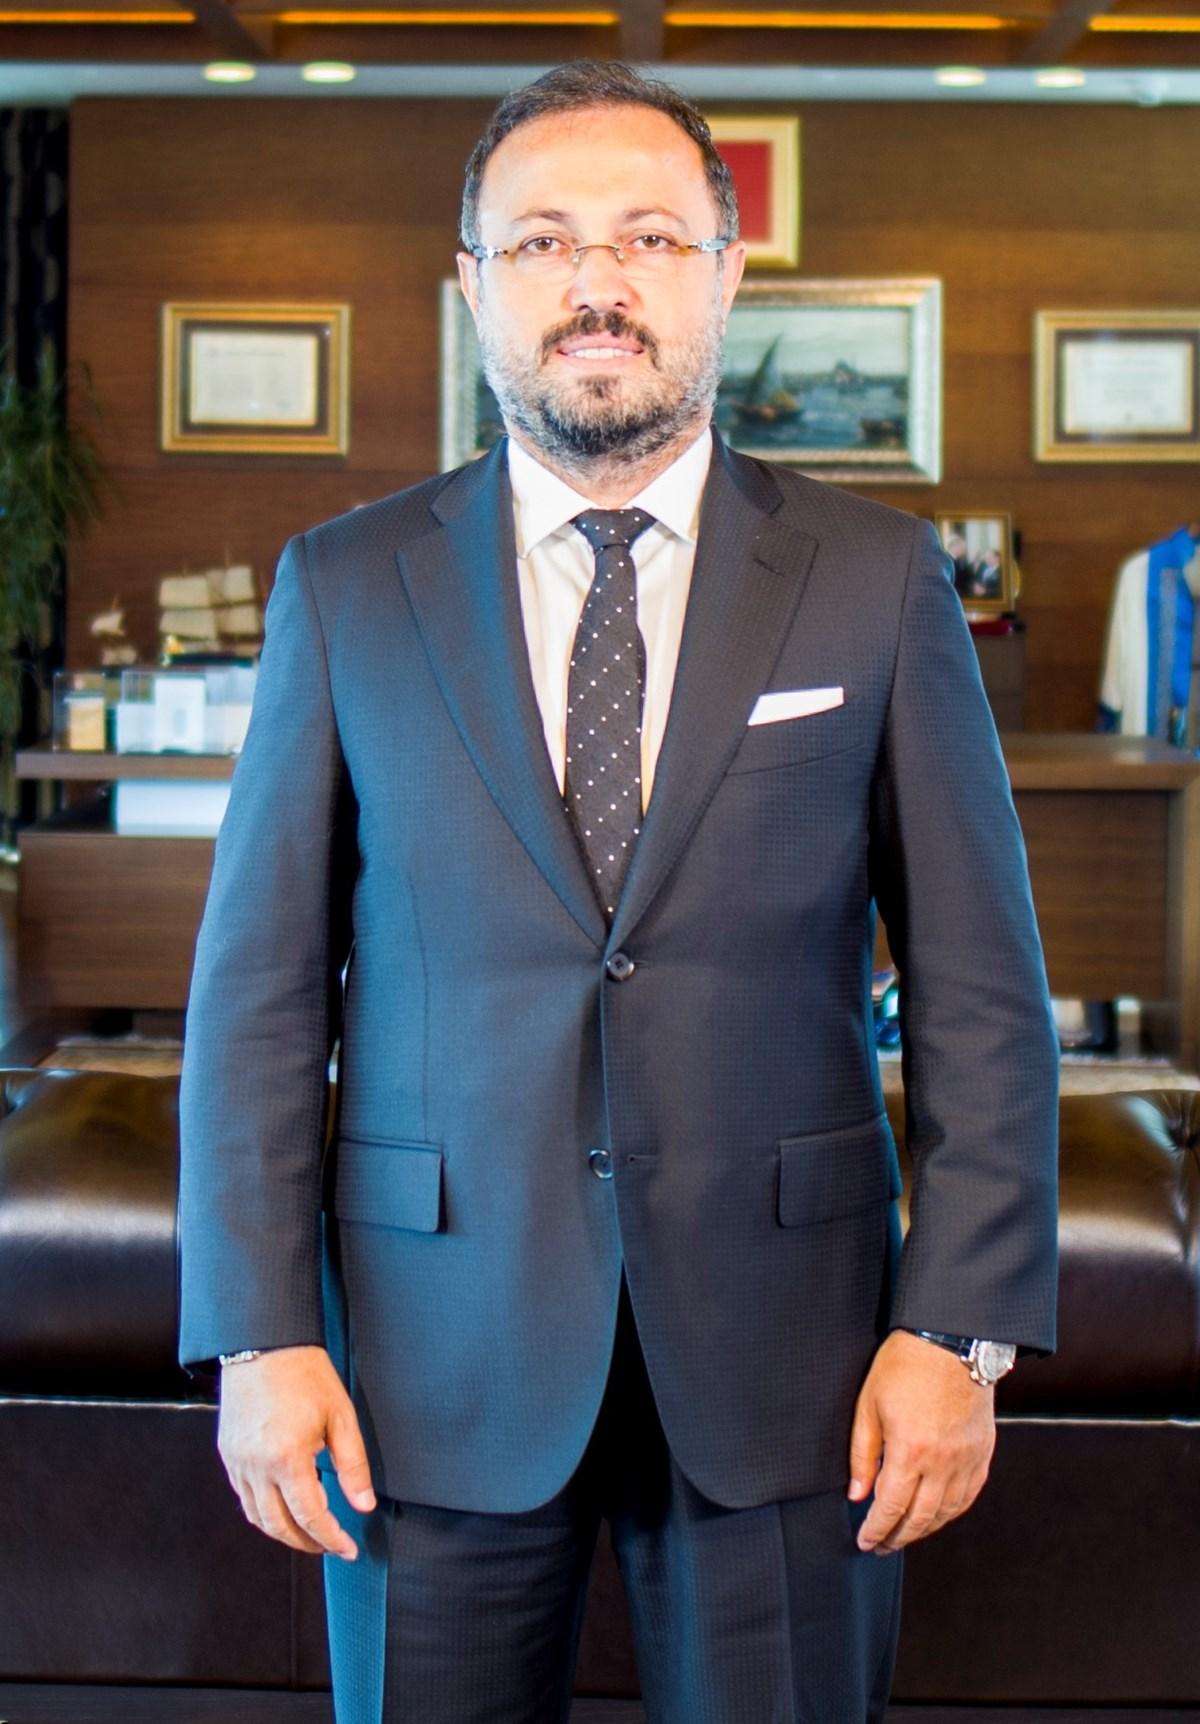 DAP Yapı Yönetim Kurulu Başkanı Ziya Yılmaz